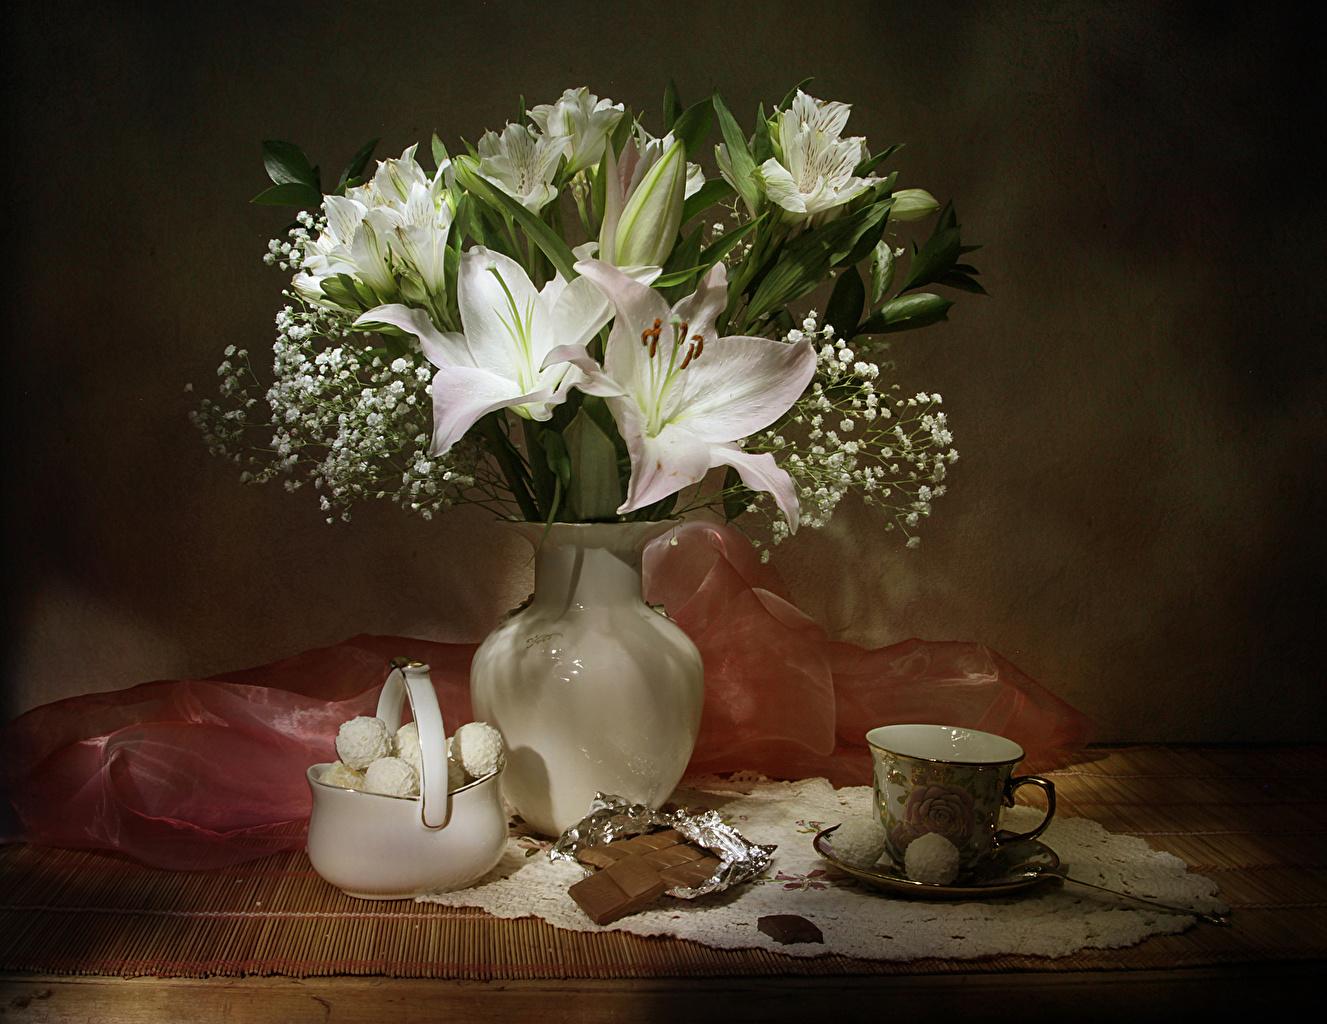 Обои для рабочего стола Букеты Шоколад Лилии Конфеты цветок Еда вазе чашке Натюрморт букет лилия Цветы Ваза вазы Пища Чашка Продукты питания